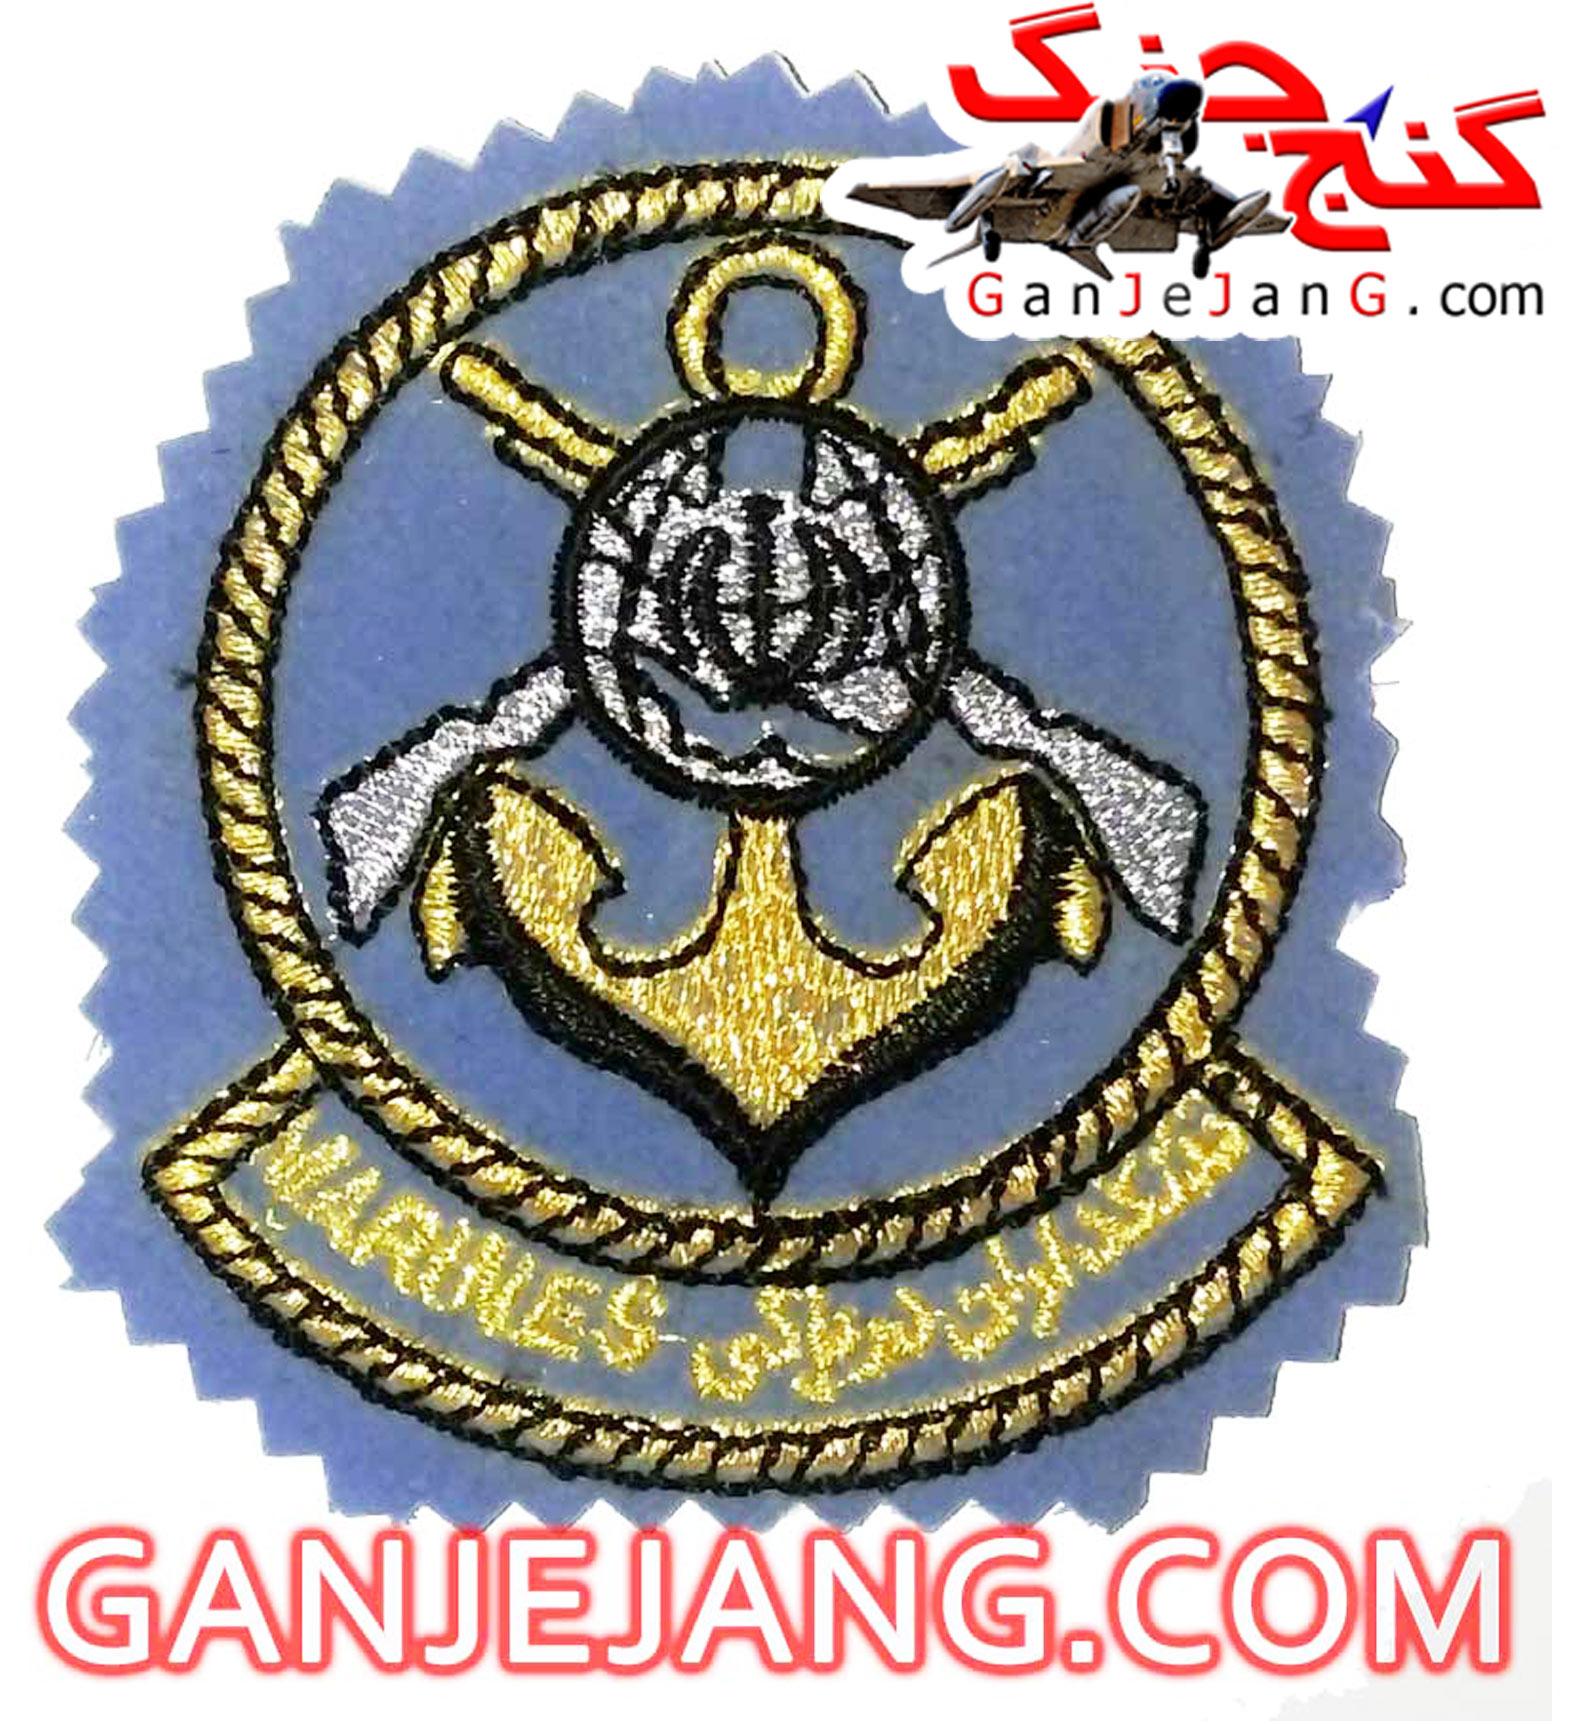 آرم بازوی شماره یک تفنگداران دریایی